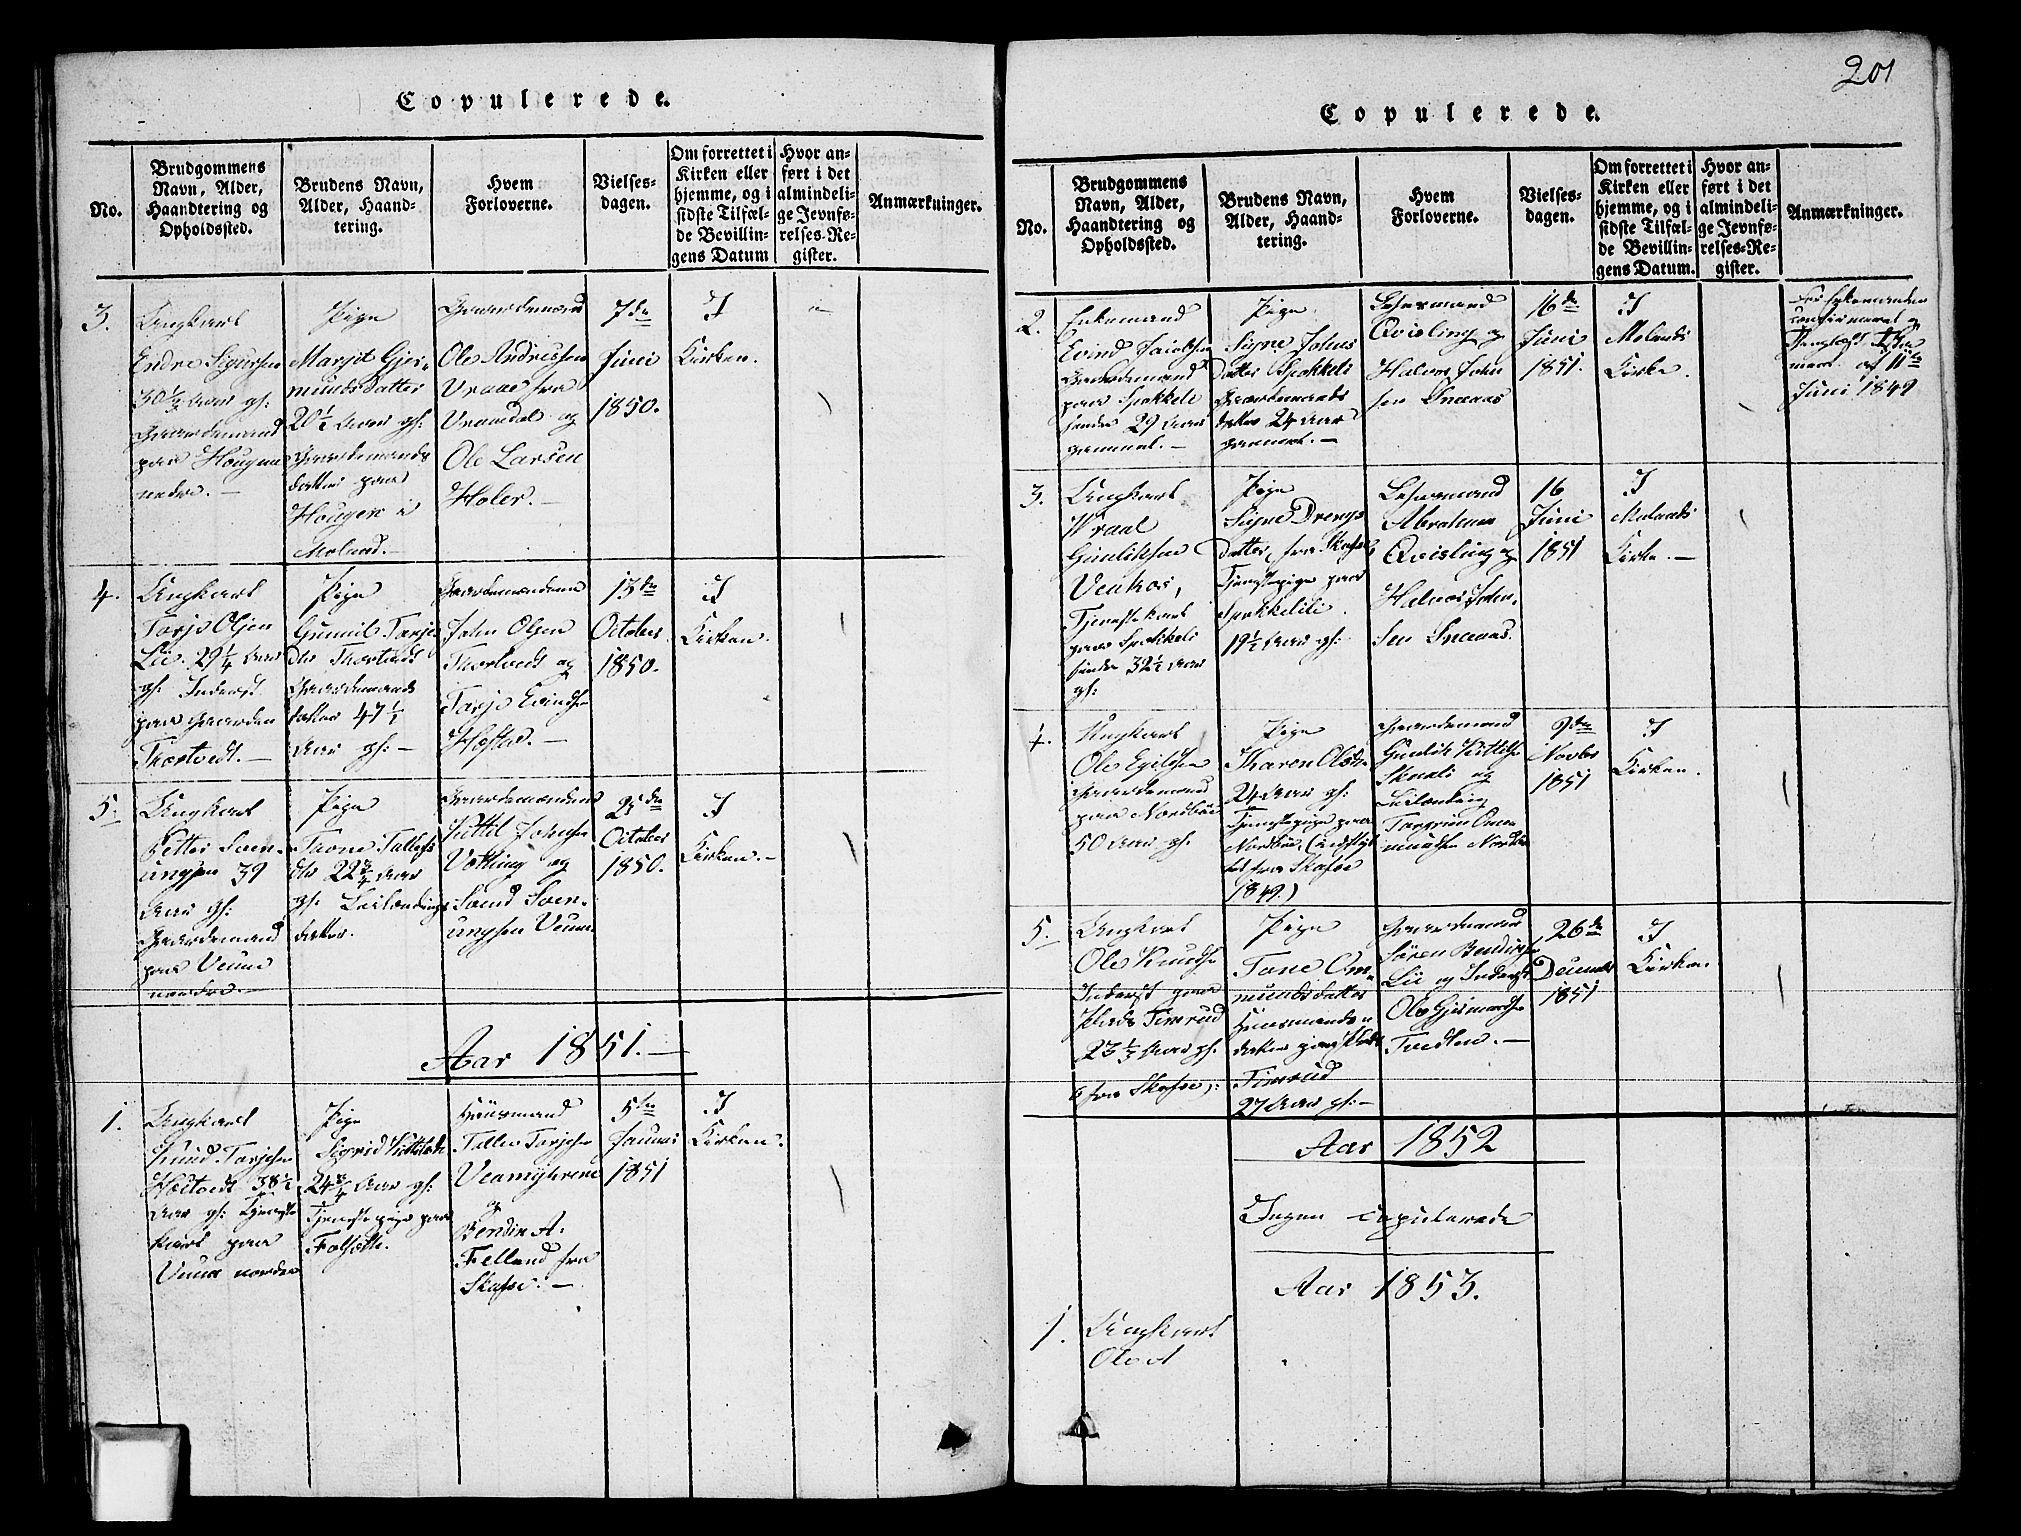 SAKO, Fyresdal kirkebøker, G/Ga/L0003: Klokkerbok nr. I 3, 1815-1863, s. 201